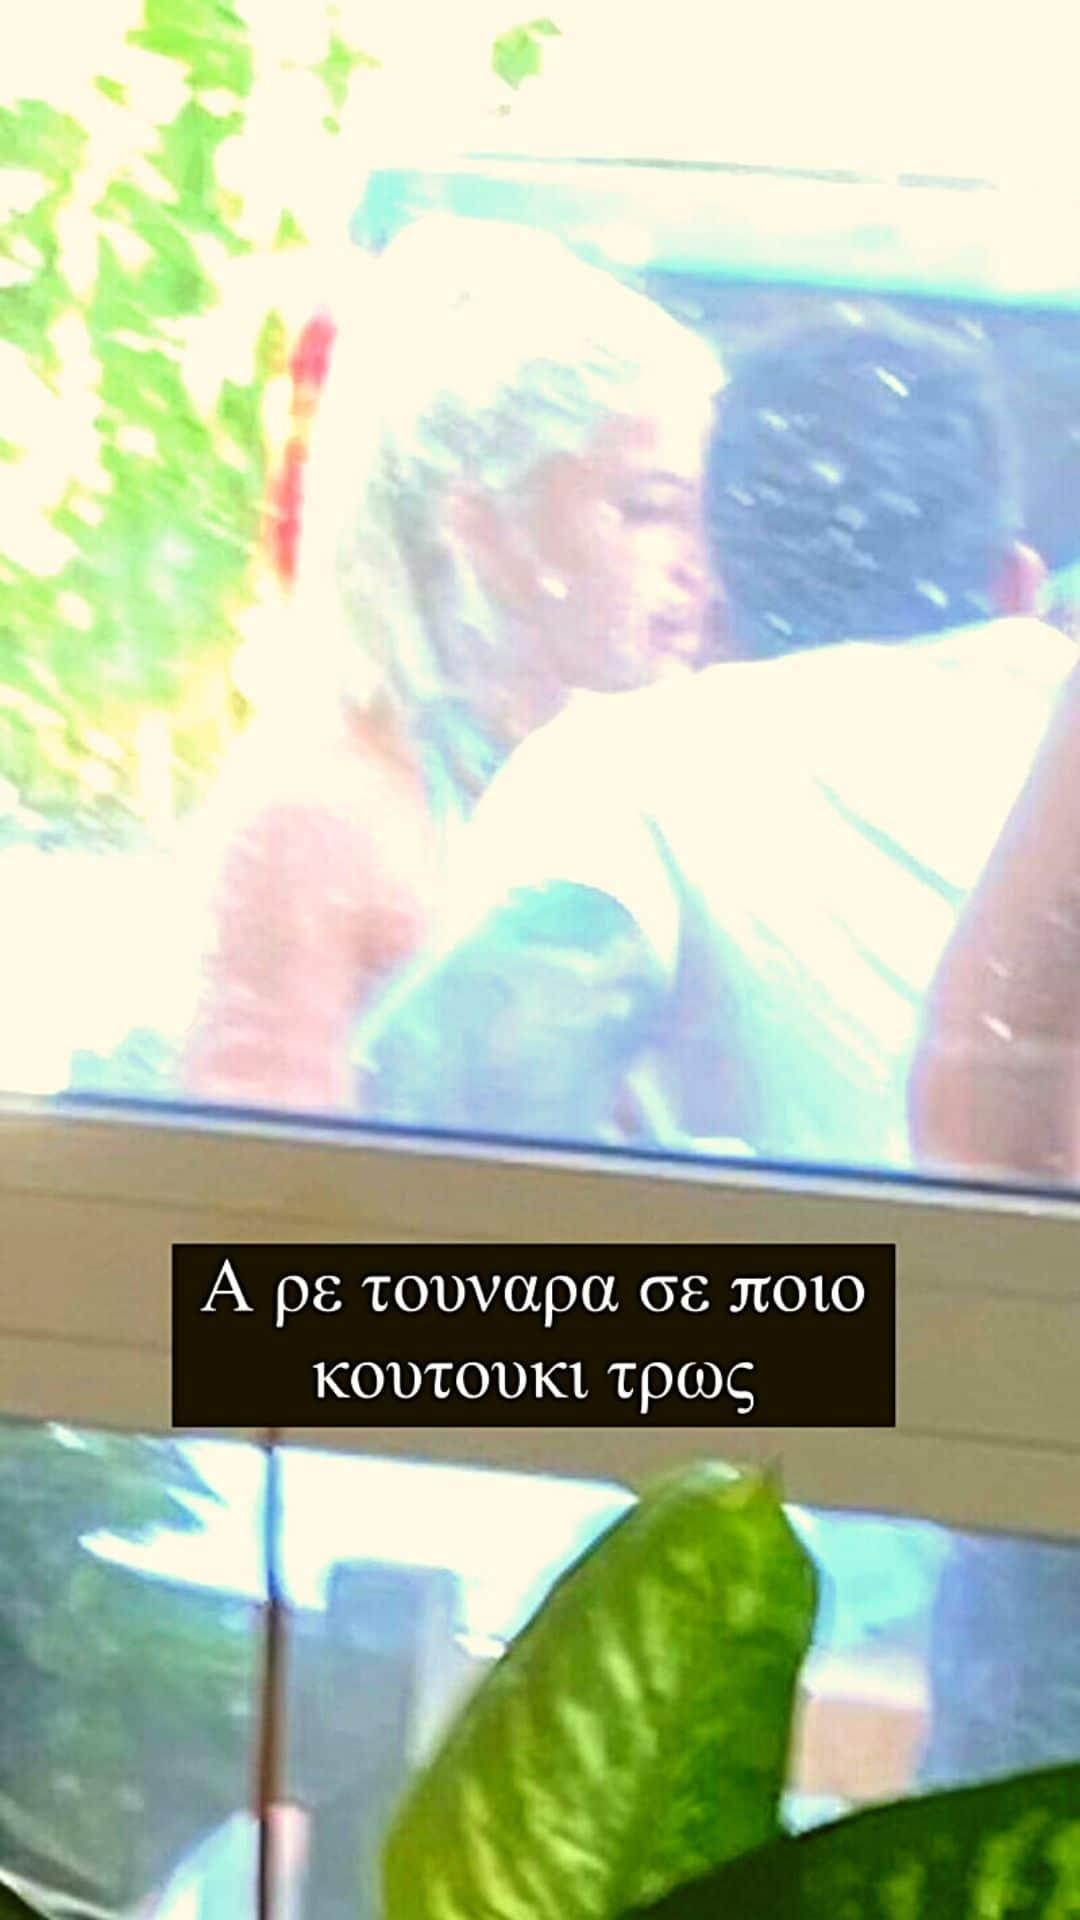 τουνη αλεξανδρου sports365.gr